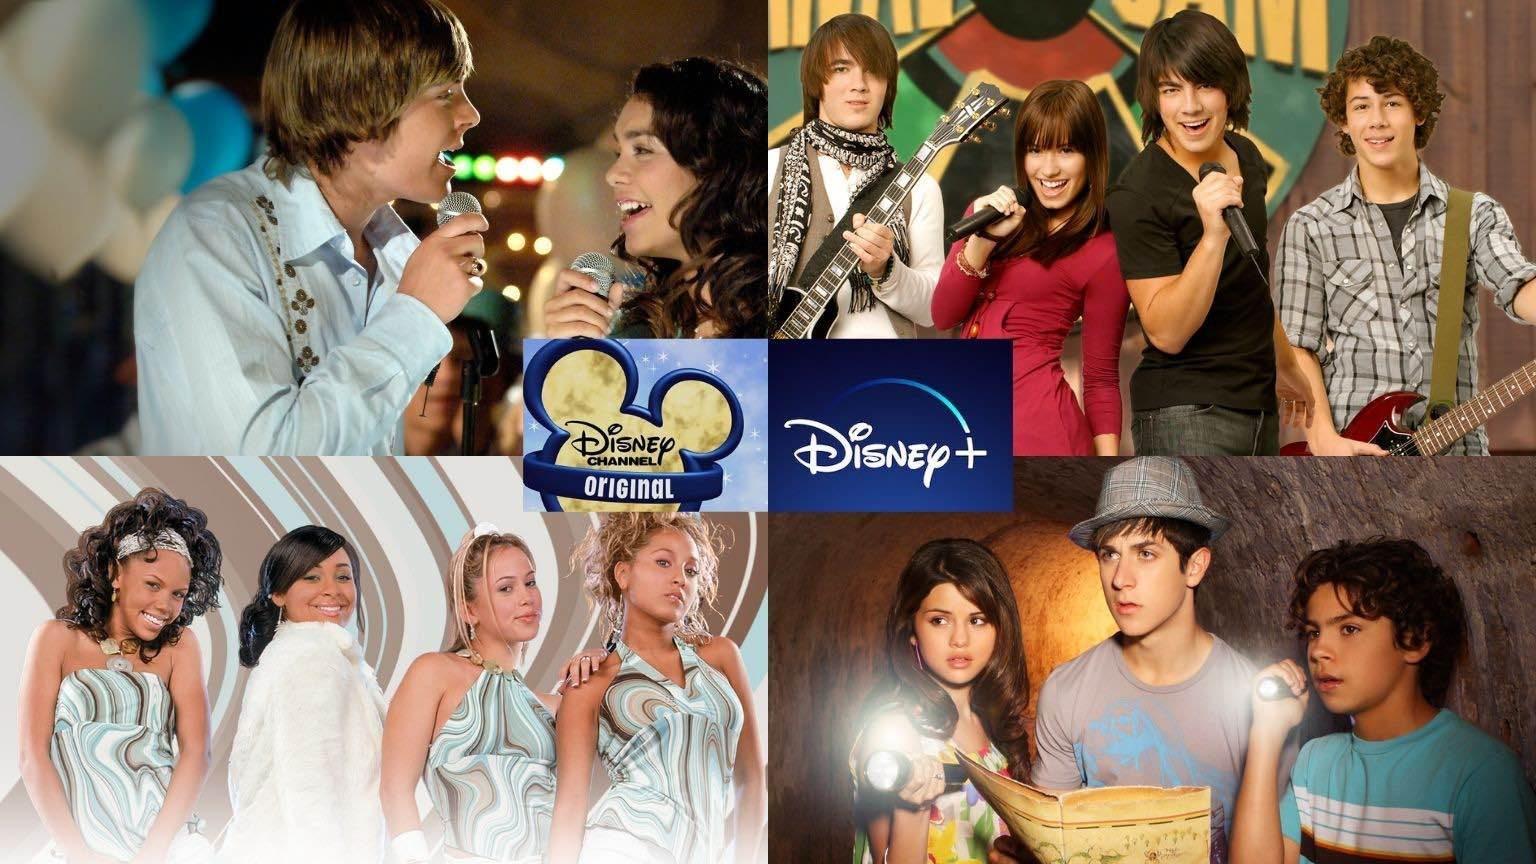 DisneyChannelOriginalMovie